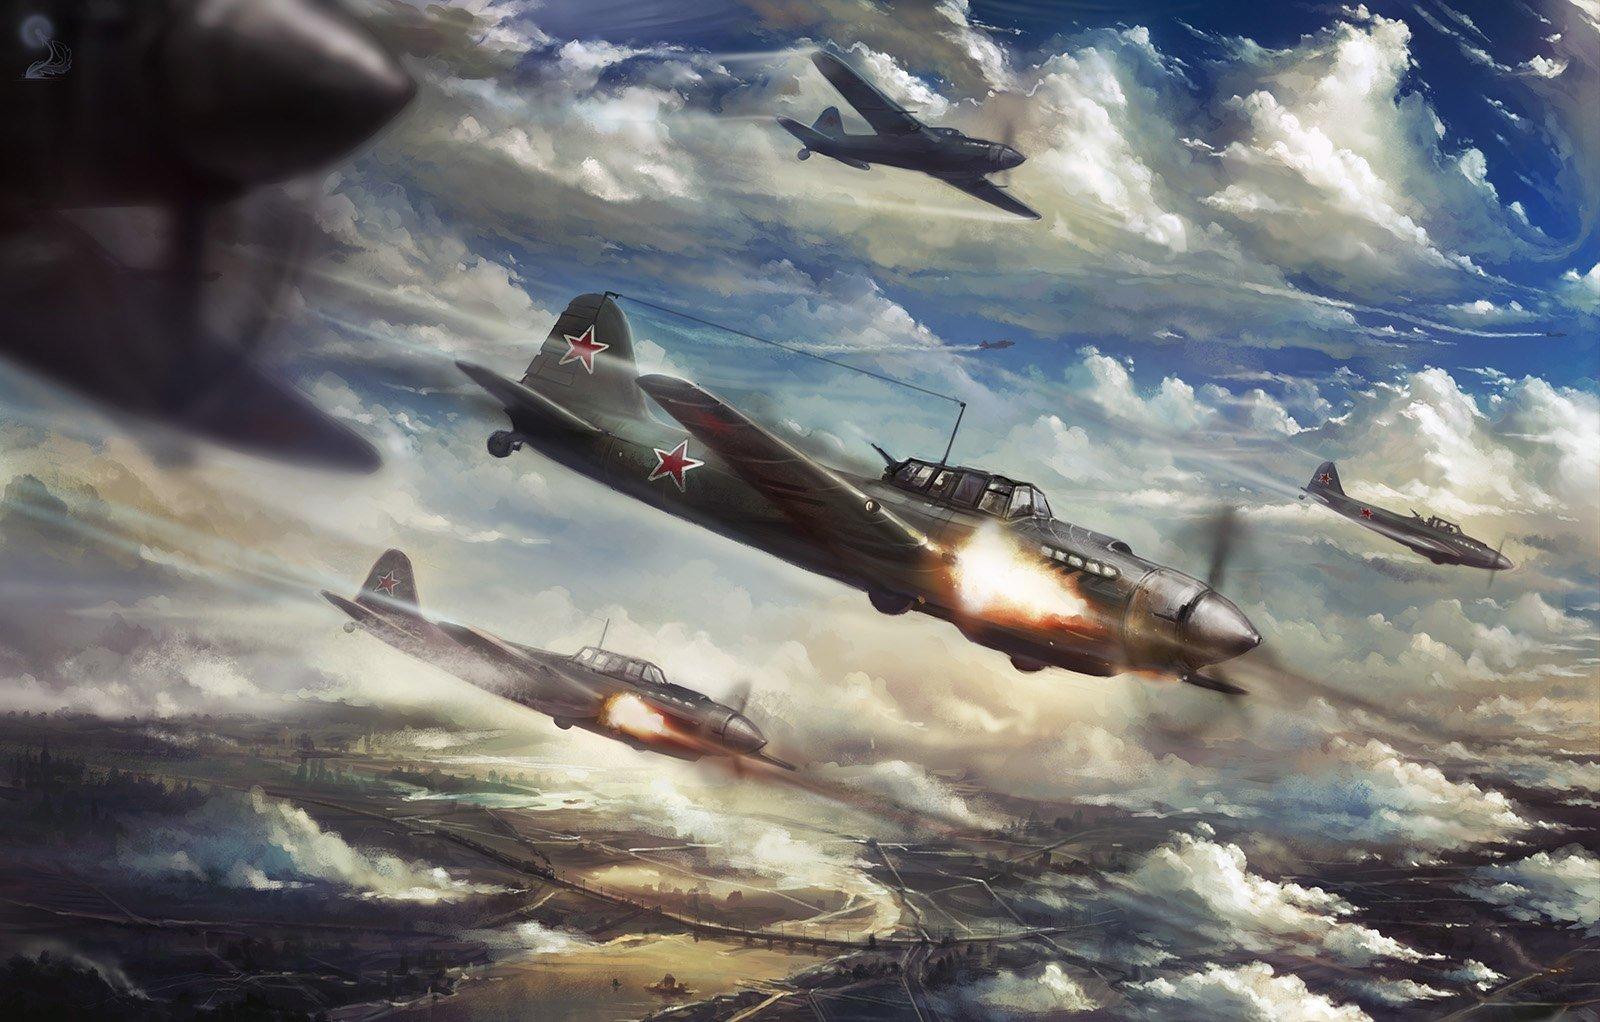 Không quân Liên Xô đã vượt qua không quân phát xít Đức như thế nào?